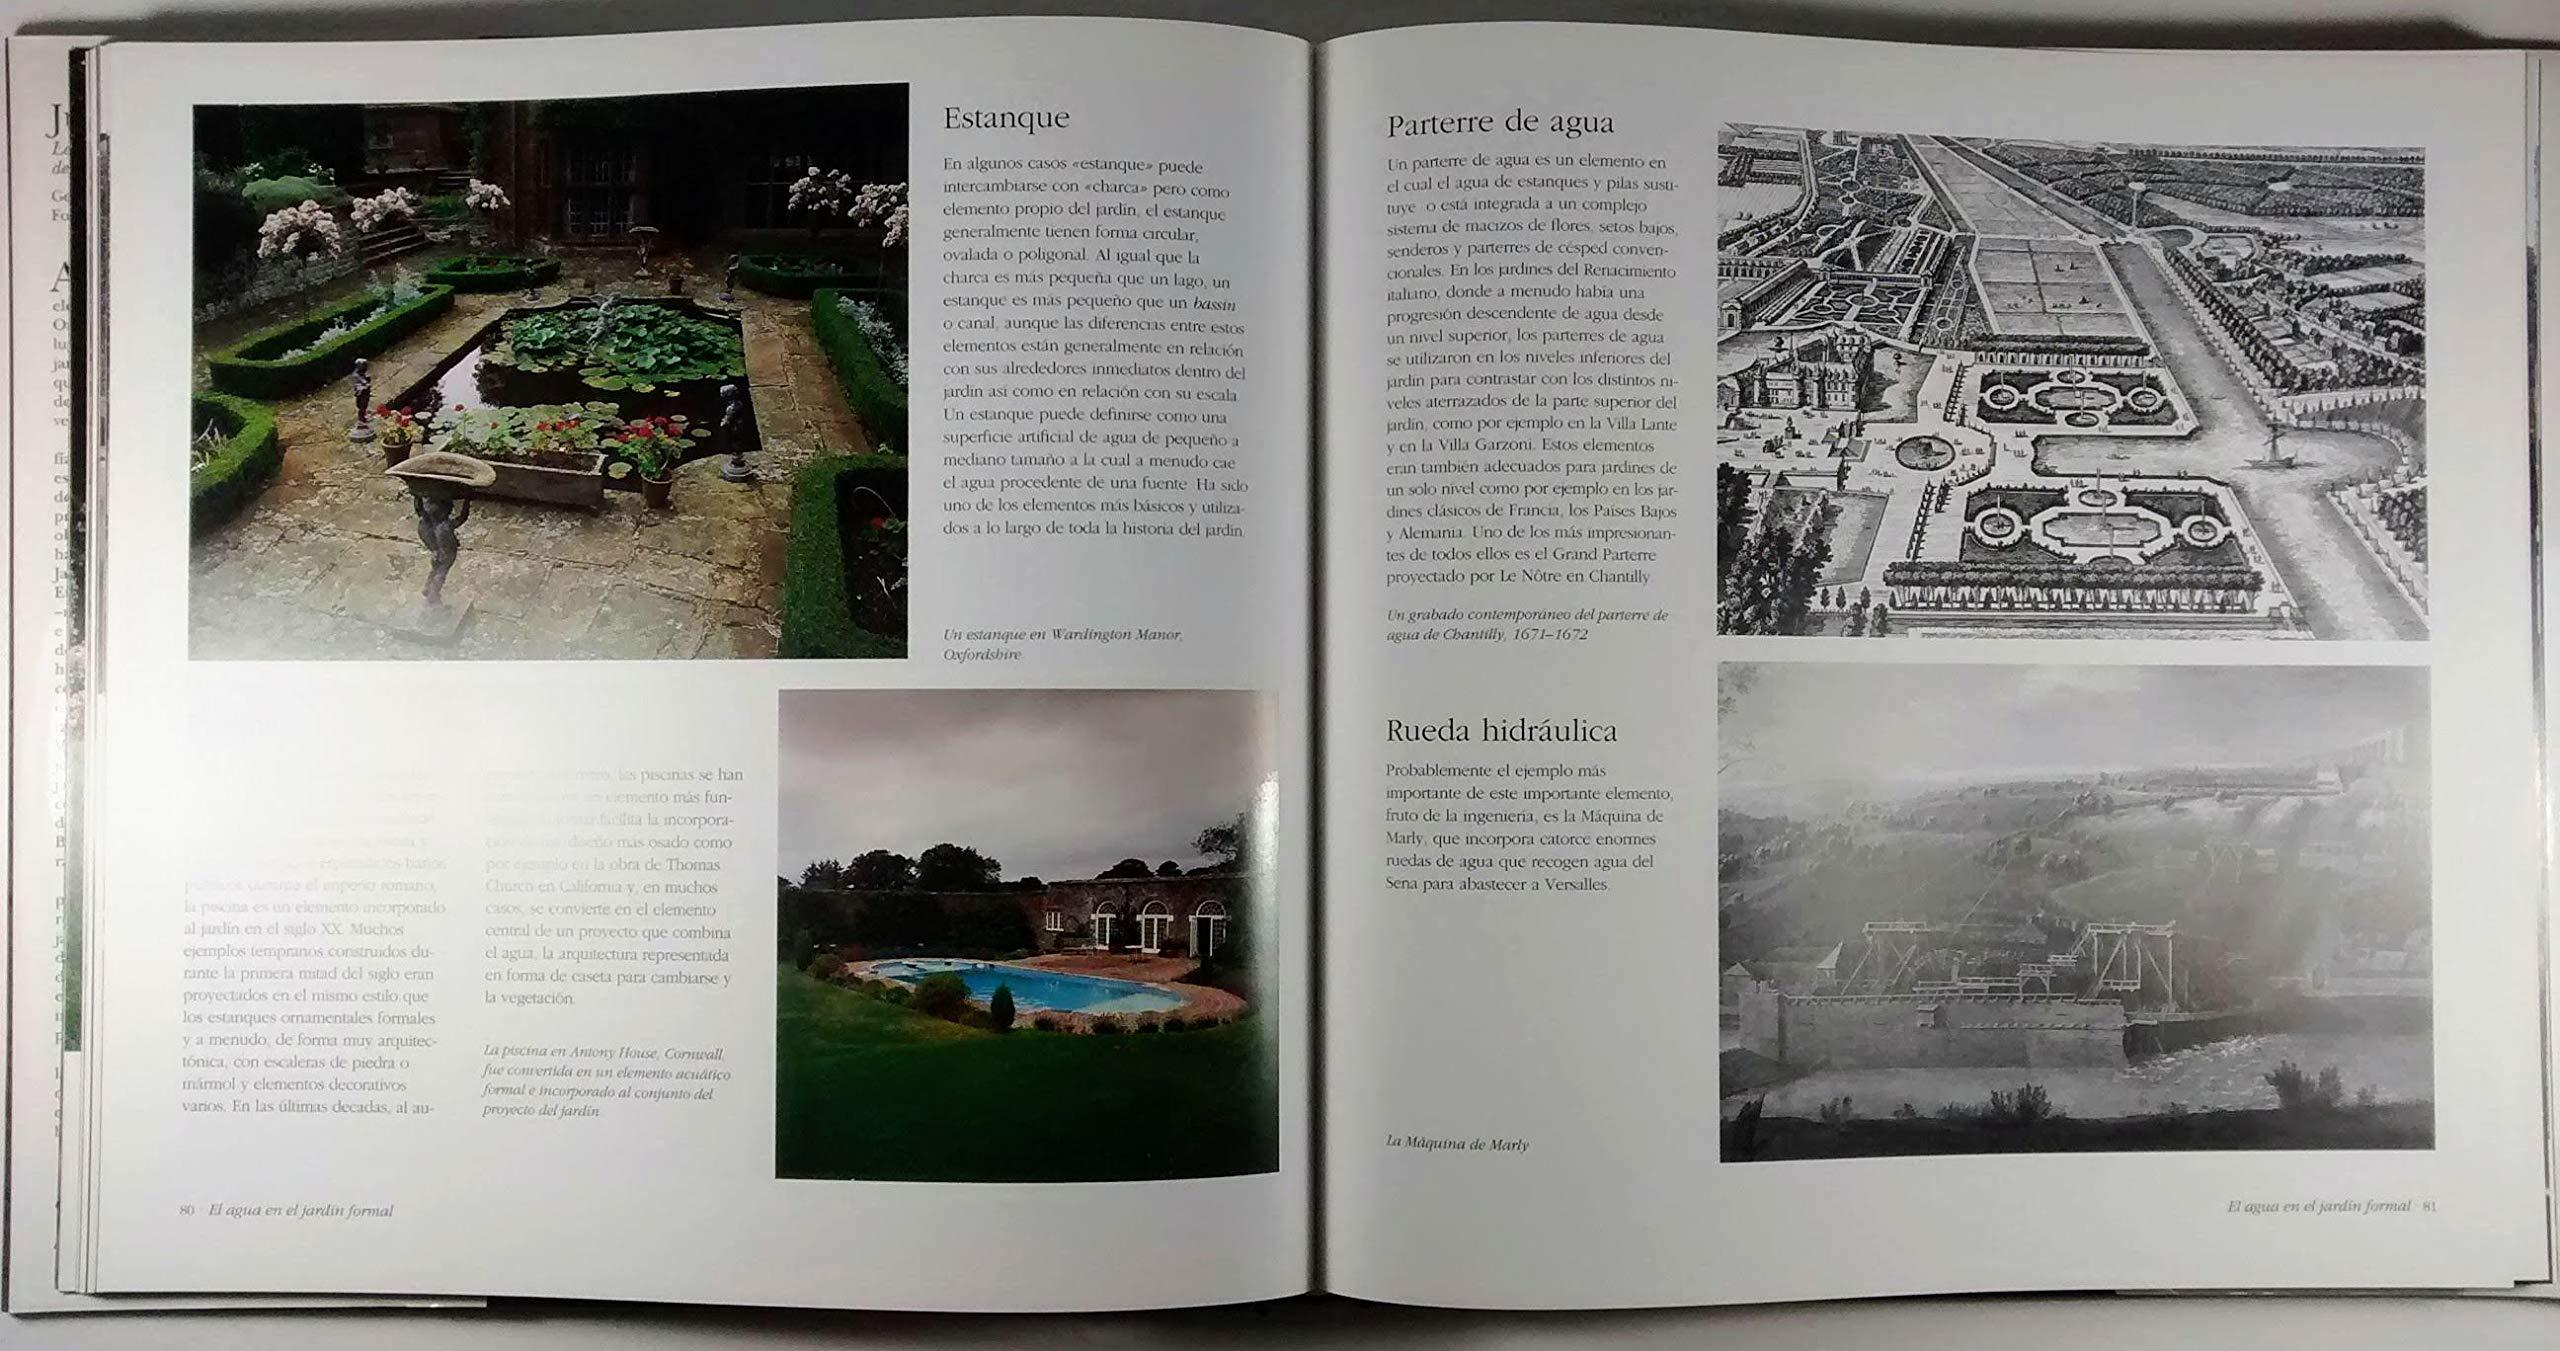 Juegos de agua : la presencia del agua en el jardin desde: Amazon.es: George Plumptre: Libros